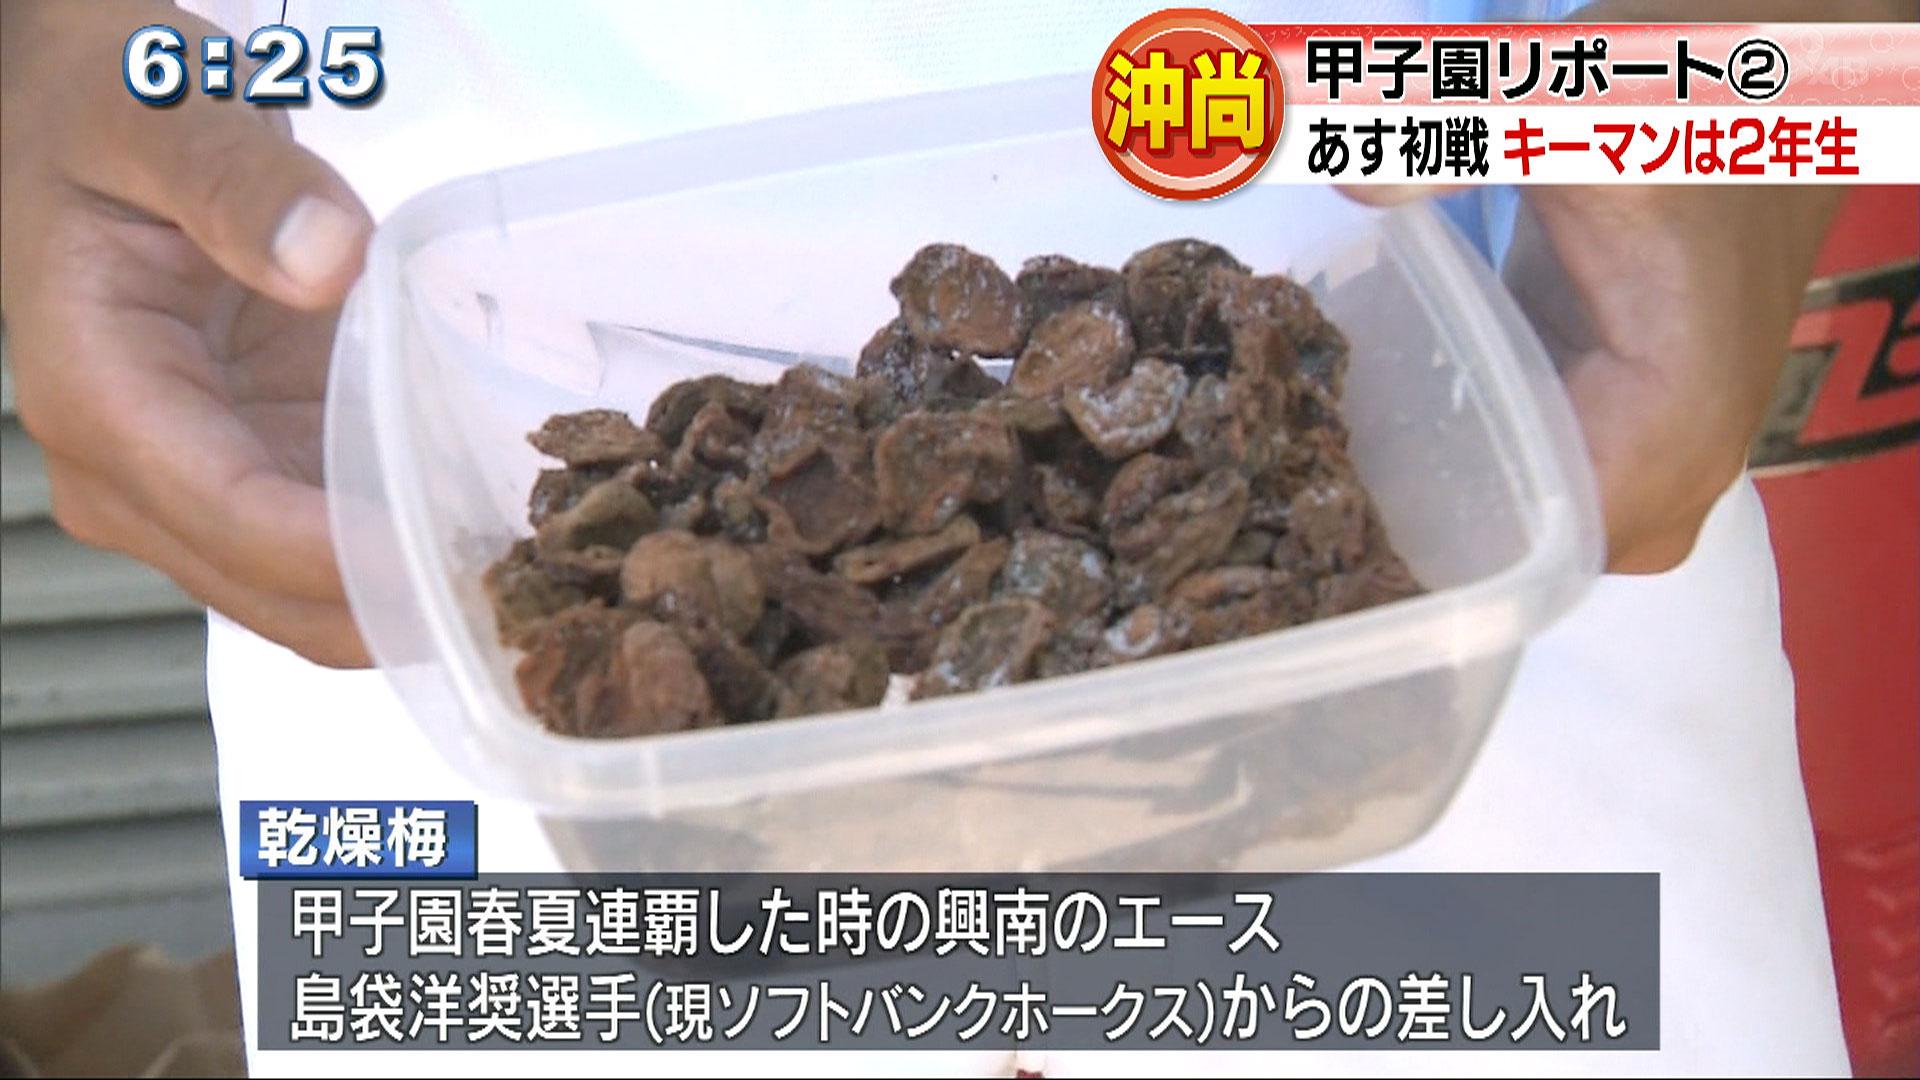 甲子園リポート(2) 沖尚初戦あすに迫る